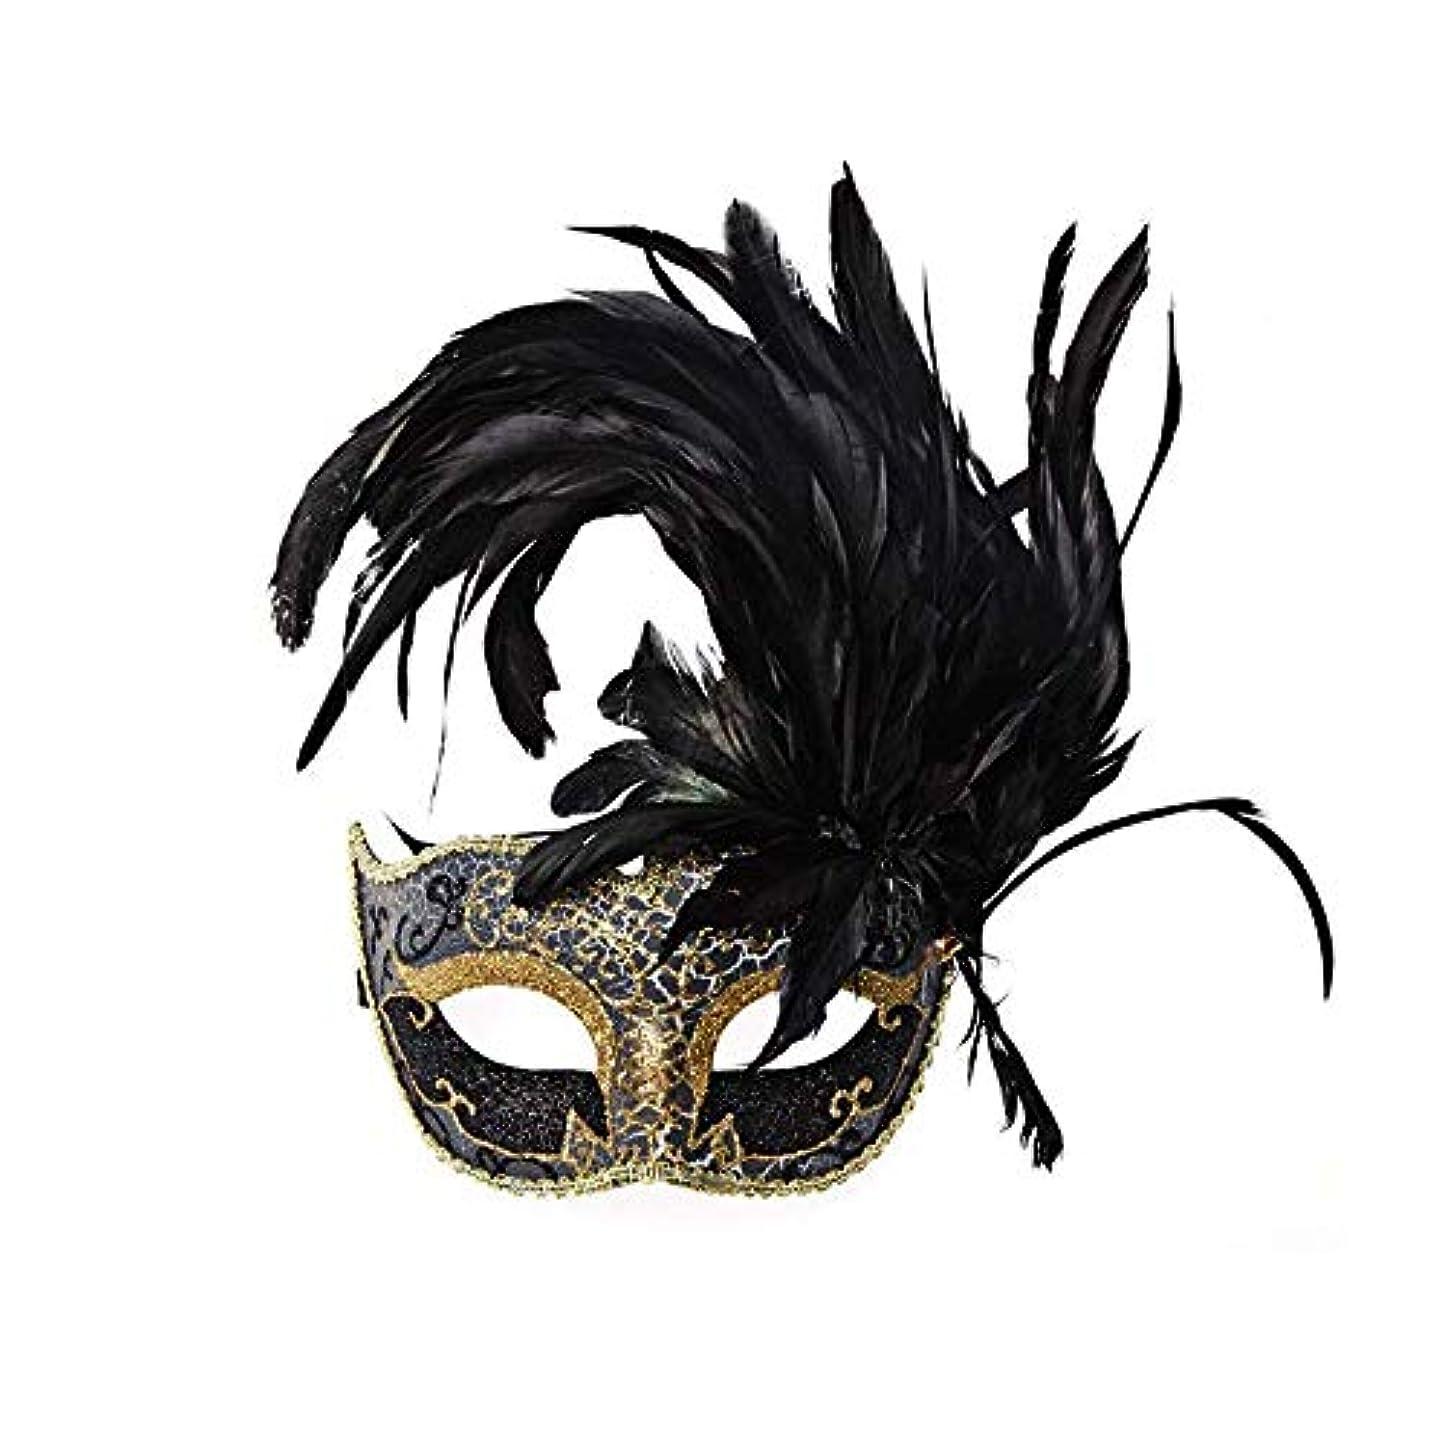 徒歩で邪魔するセイはさておきNanle ハロウィンマスクハーフフェザーマスクベニスプリンセスマスク美容レース仮面ライダーコスプレ (色 : Style A black)